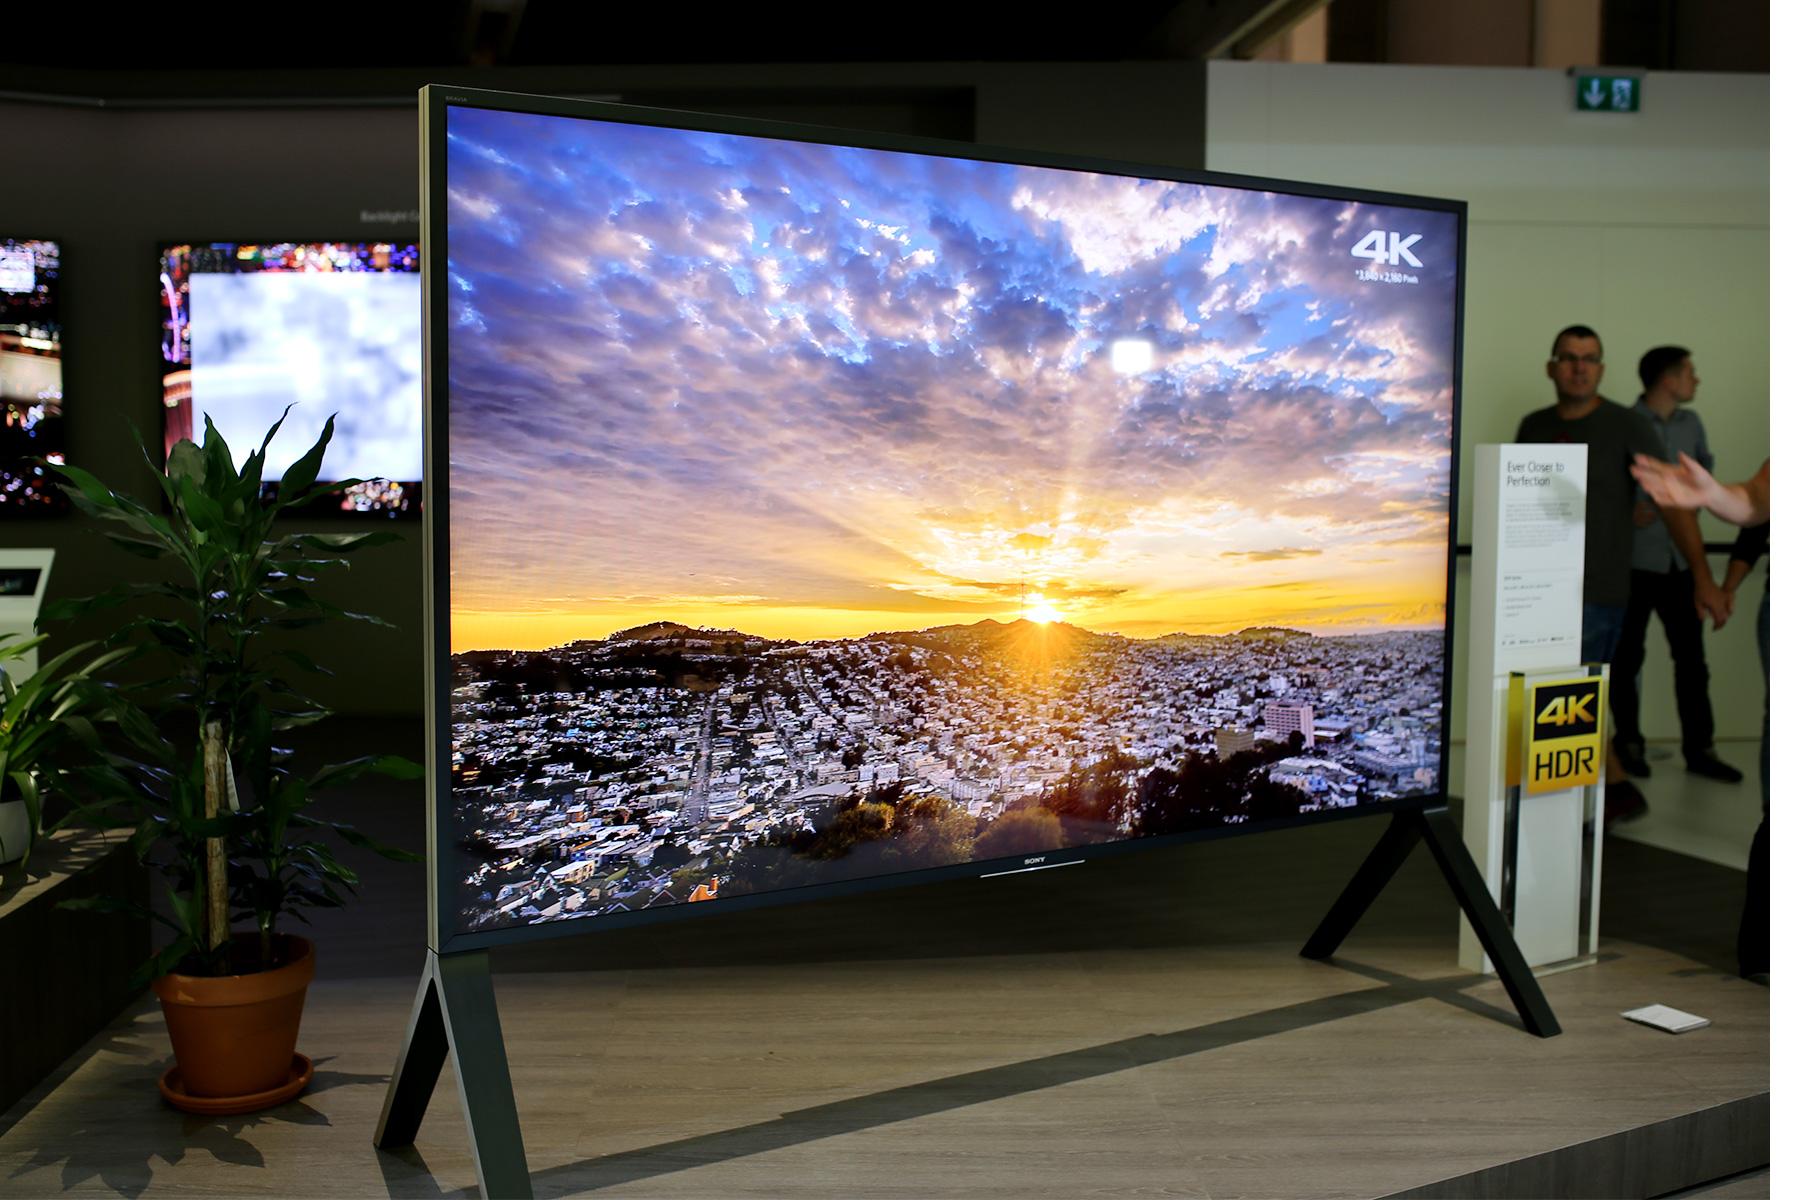 索尼Z9D 100吋4K电视